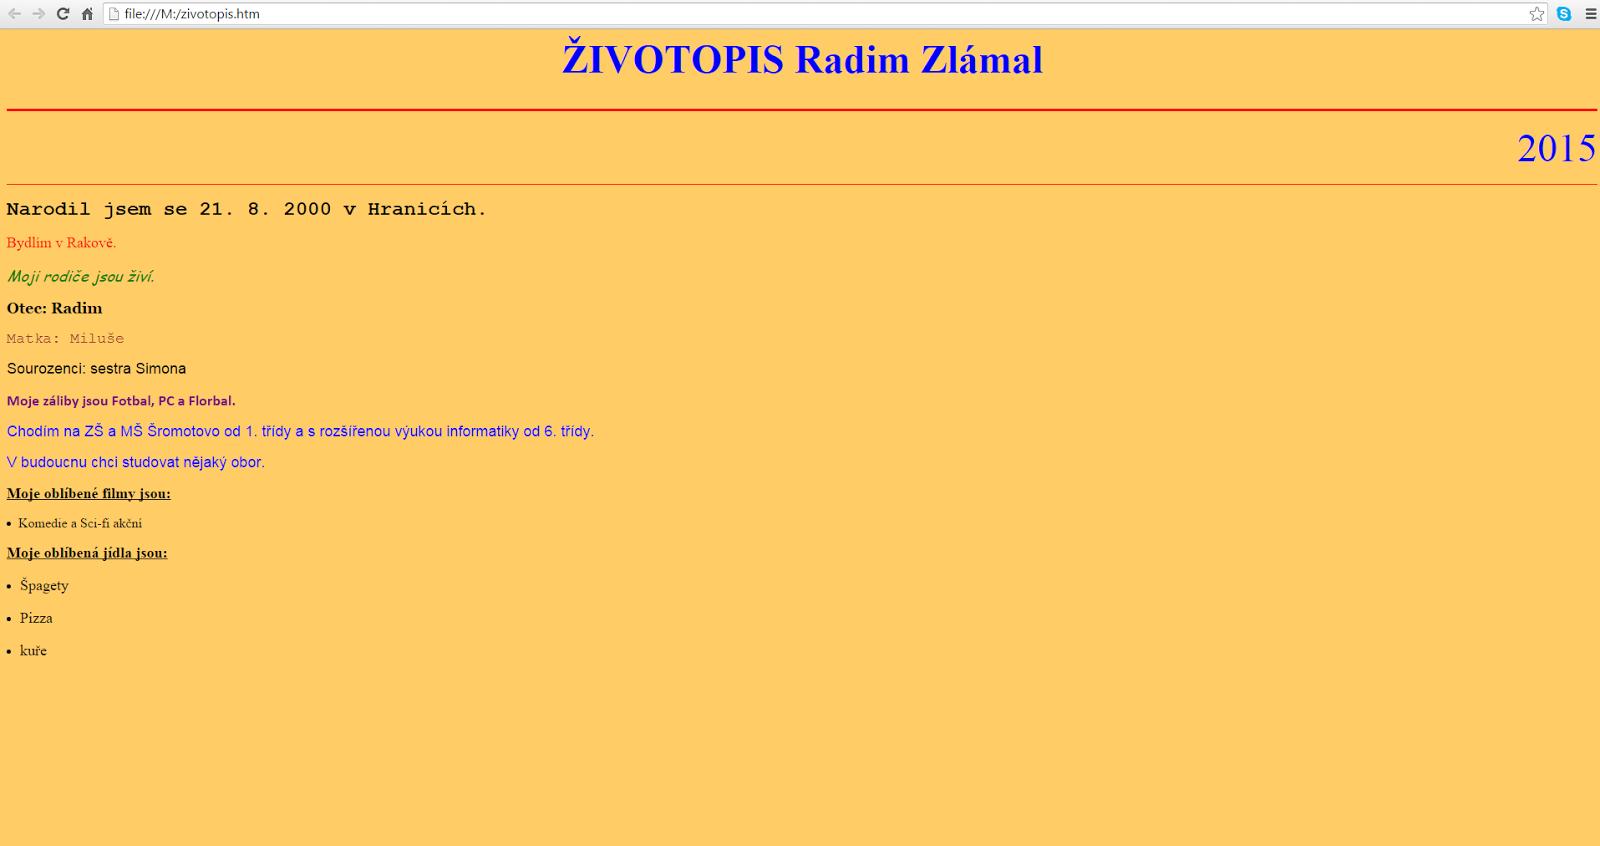 Zlamal Informatika Zs A Ms Sromotovo Html Zivotopis Bez Fotek